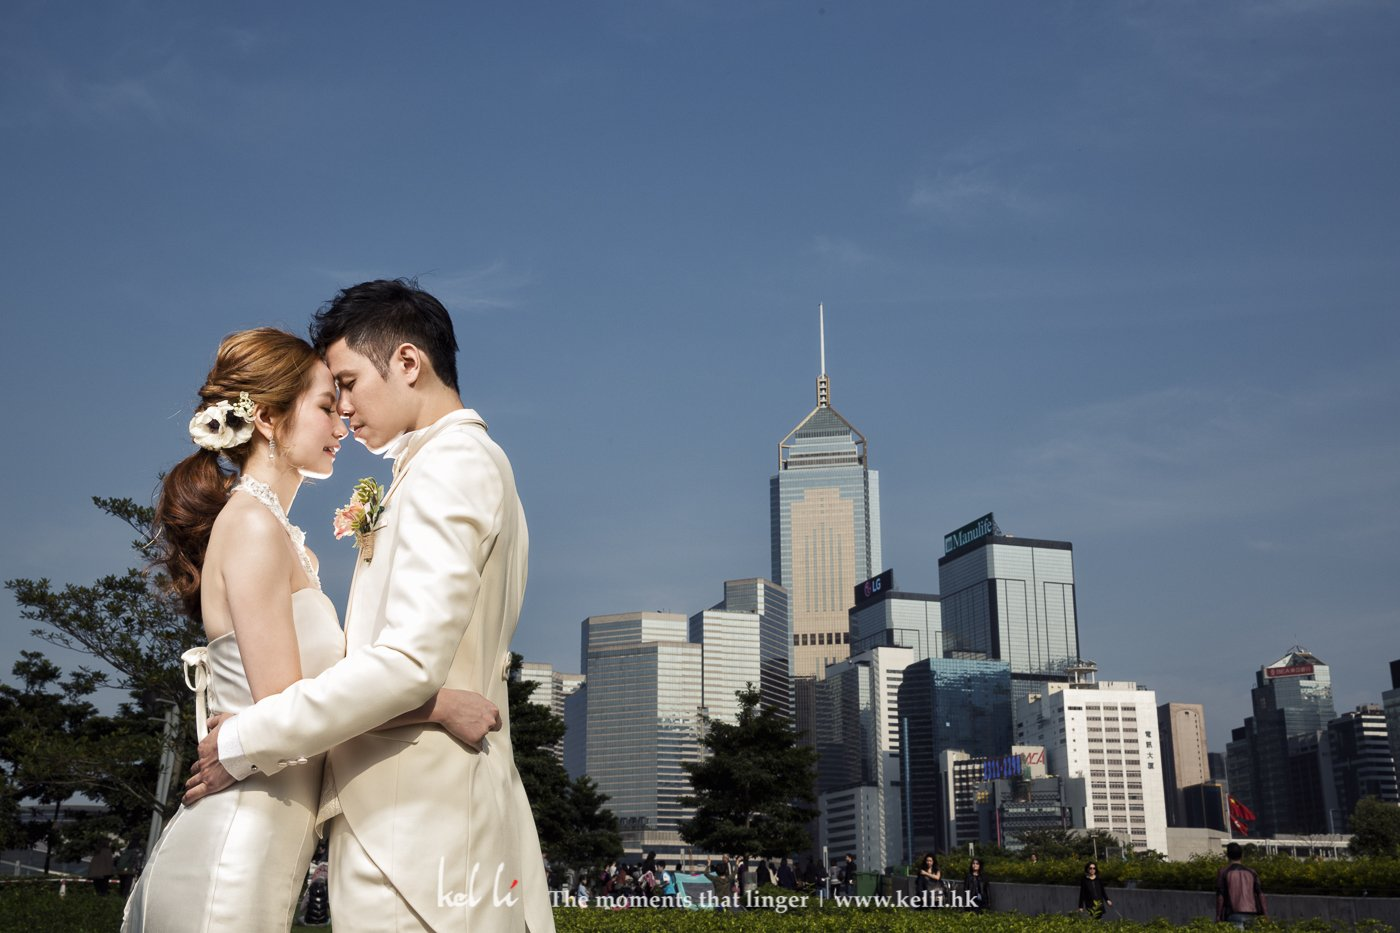 婚禮攝影的外景